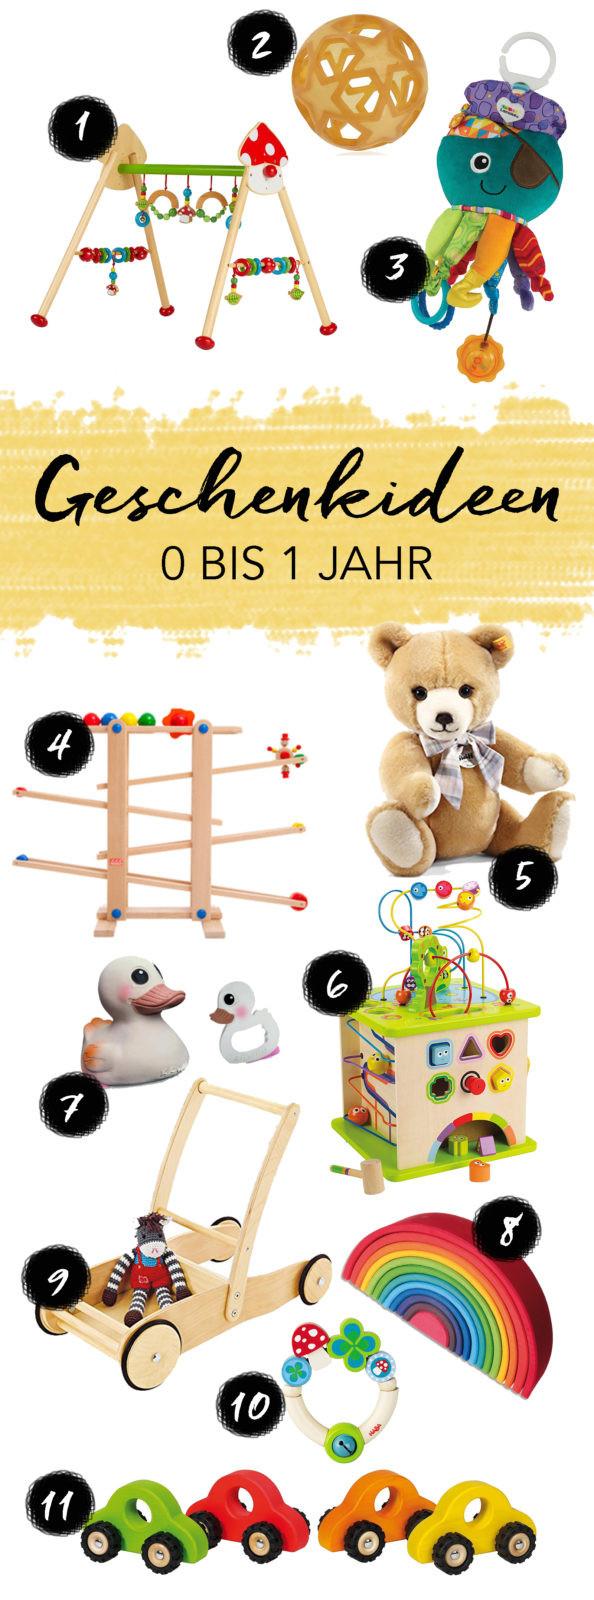 Geschenkideen Kinder 10 Jahre  Geschenkideen für Babys und Kinder im Alter von 0 bis 1